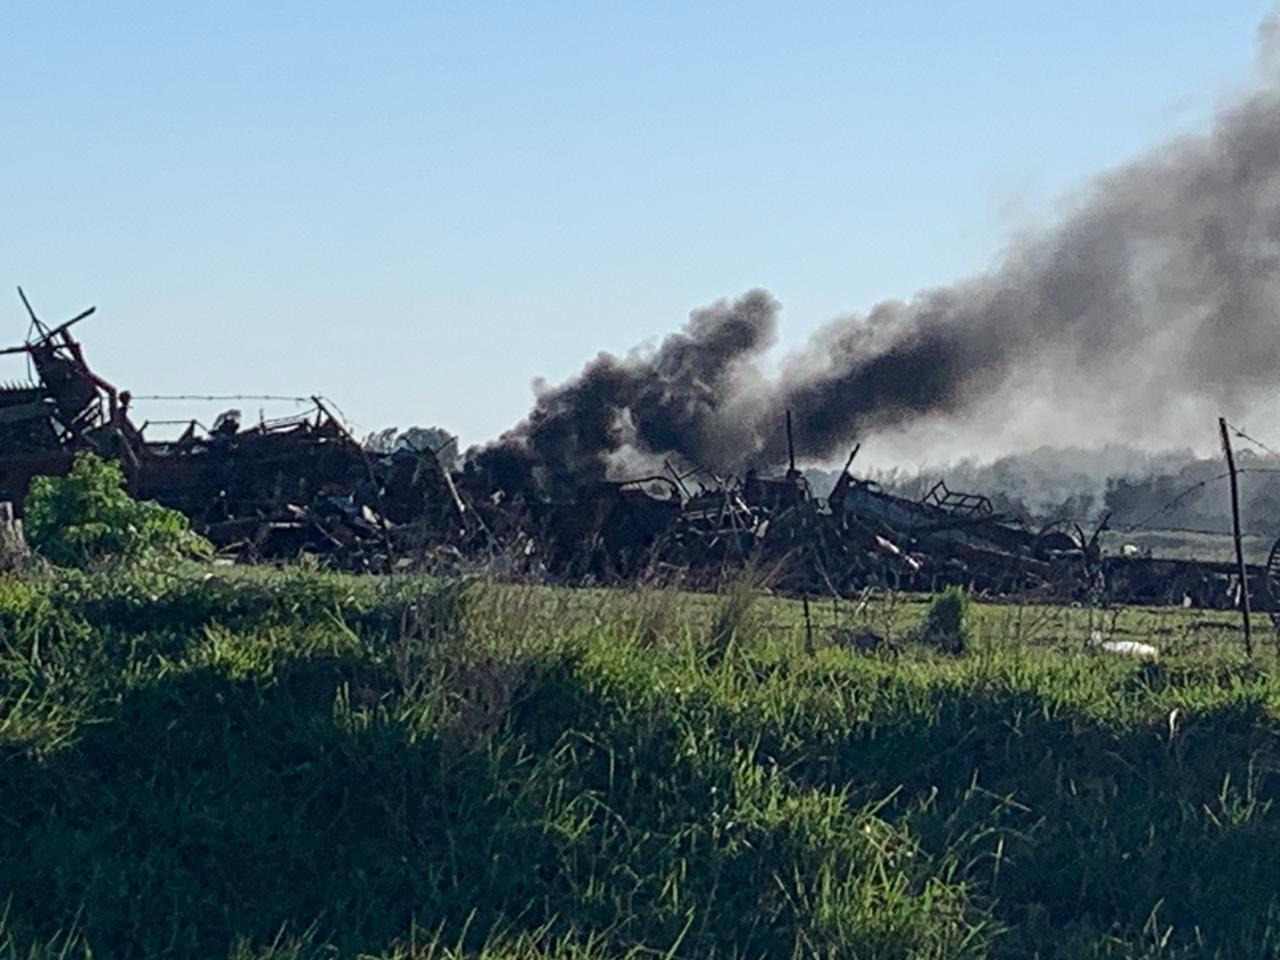 No hay quema en el basural. Es en esa zona y el humo no afecta la planta urbana (Video)